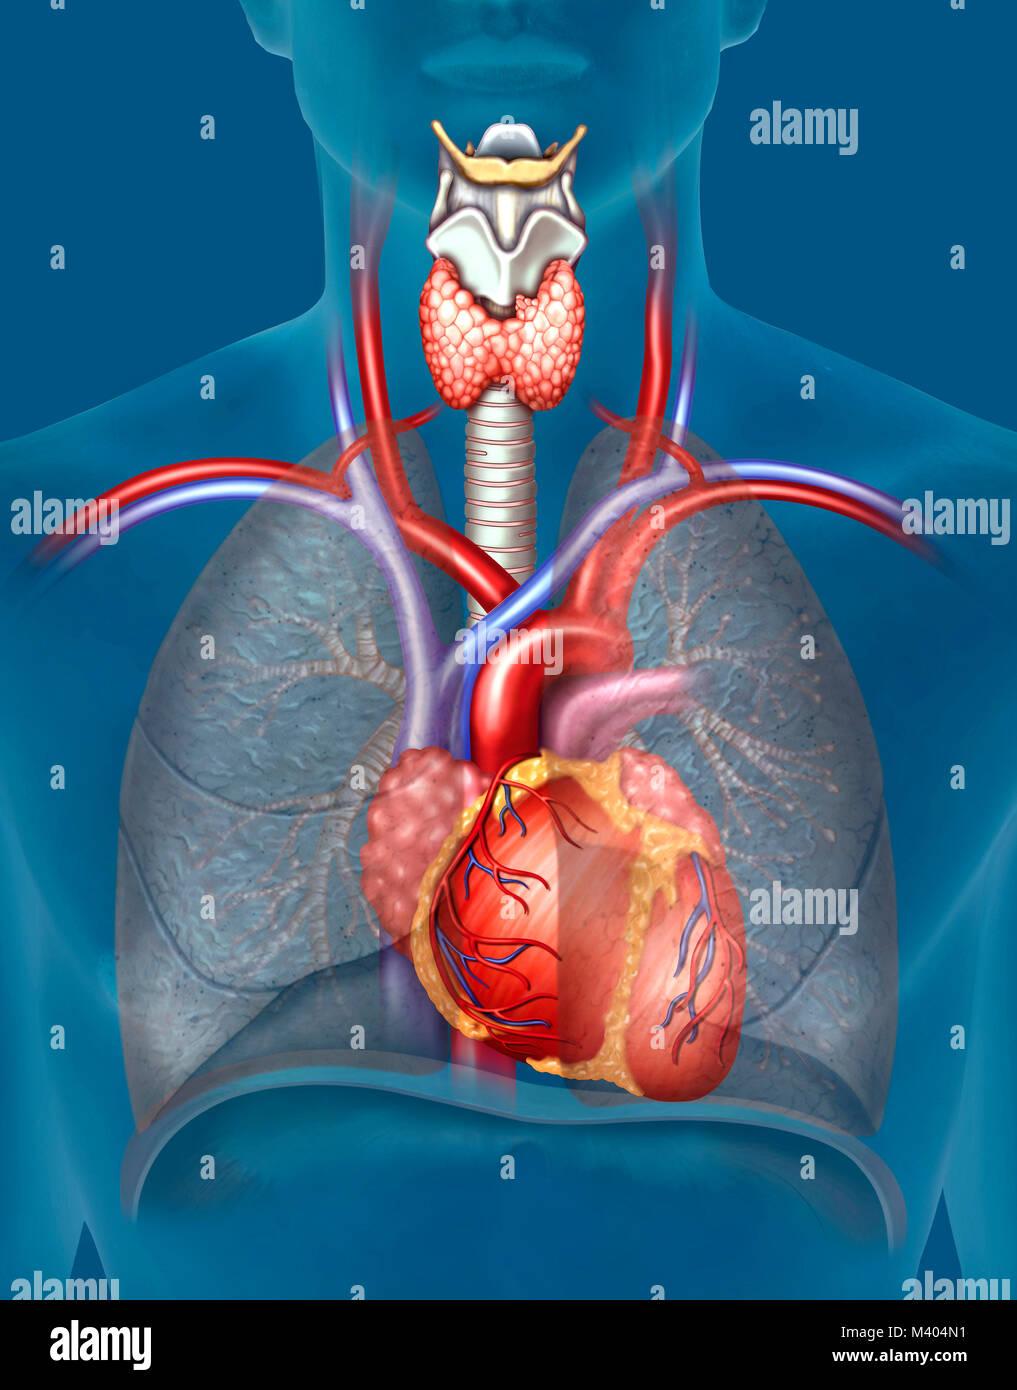 El aparato cardiovascular, capaz de distribuir el oxígeno a través del bombeo de la sangre y canalización - Stock Image